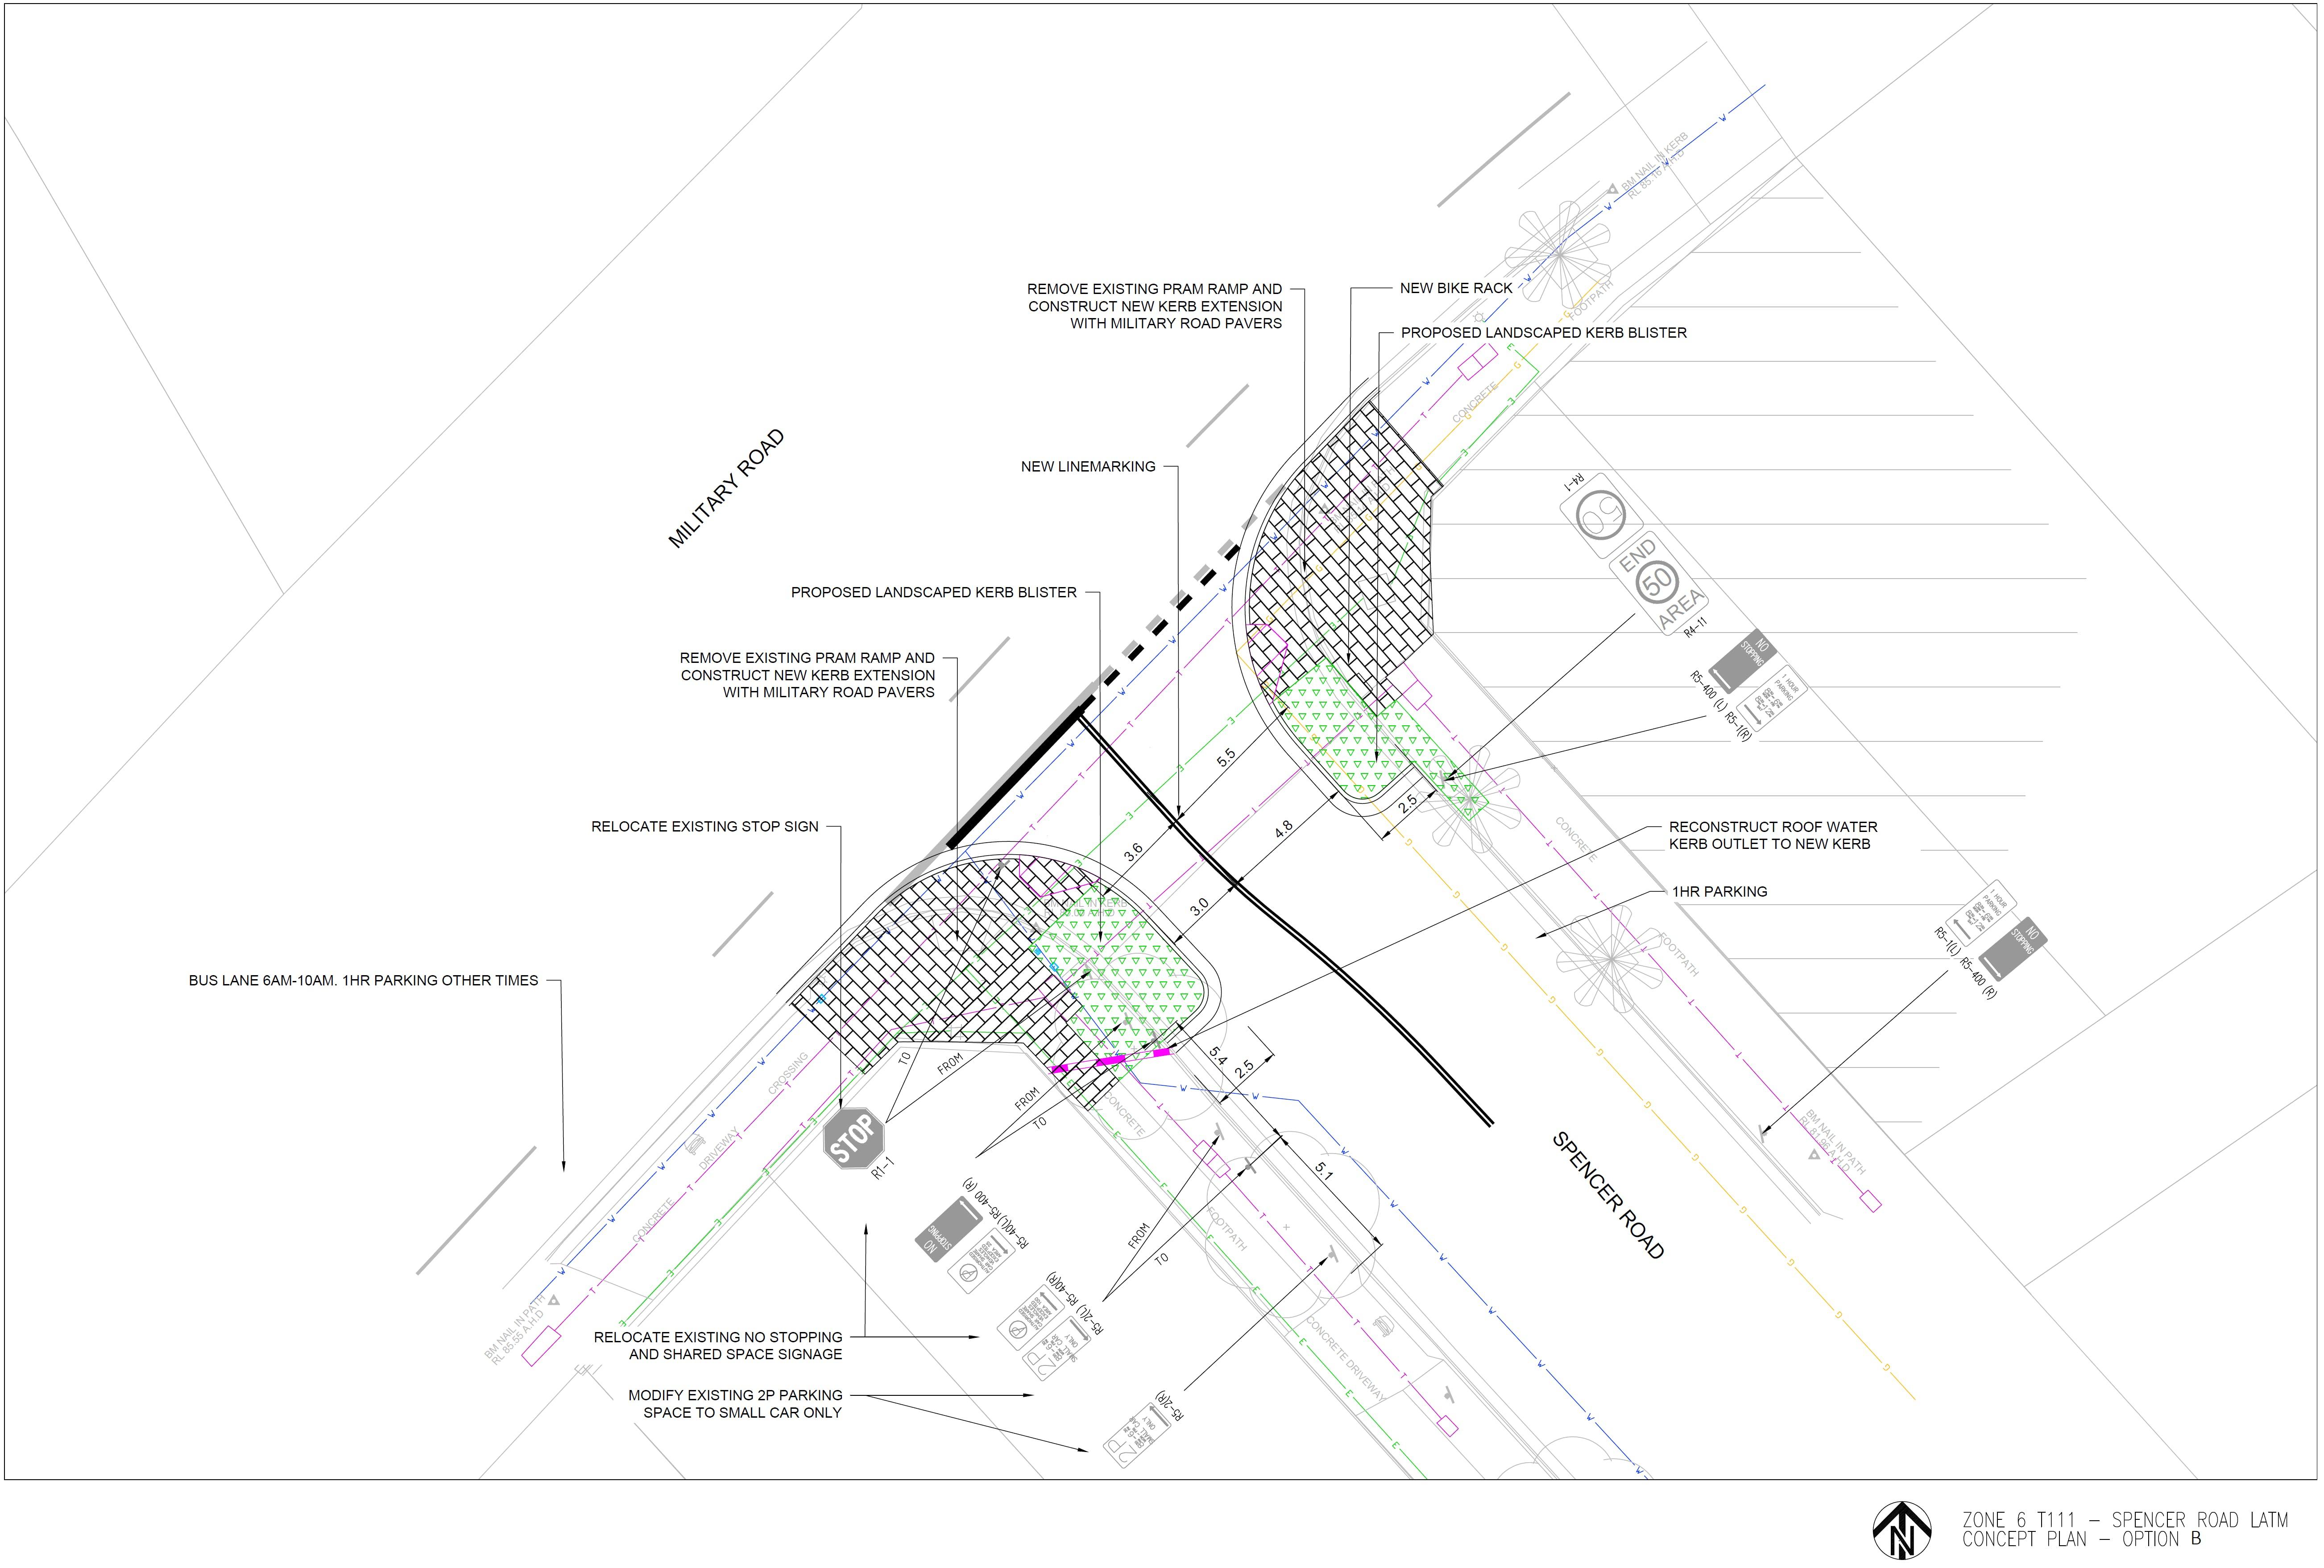 Spencer Road Option B - 2D Design